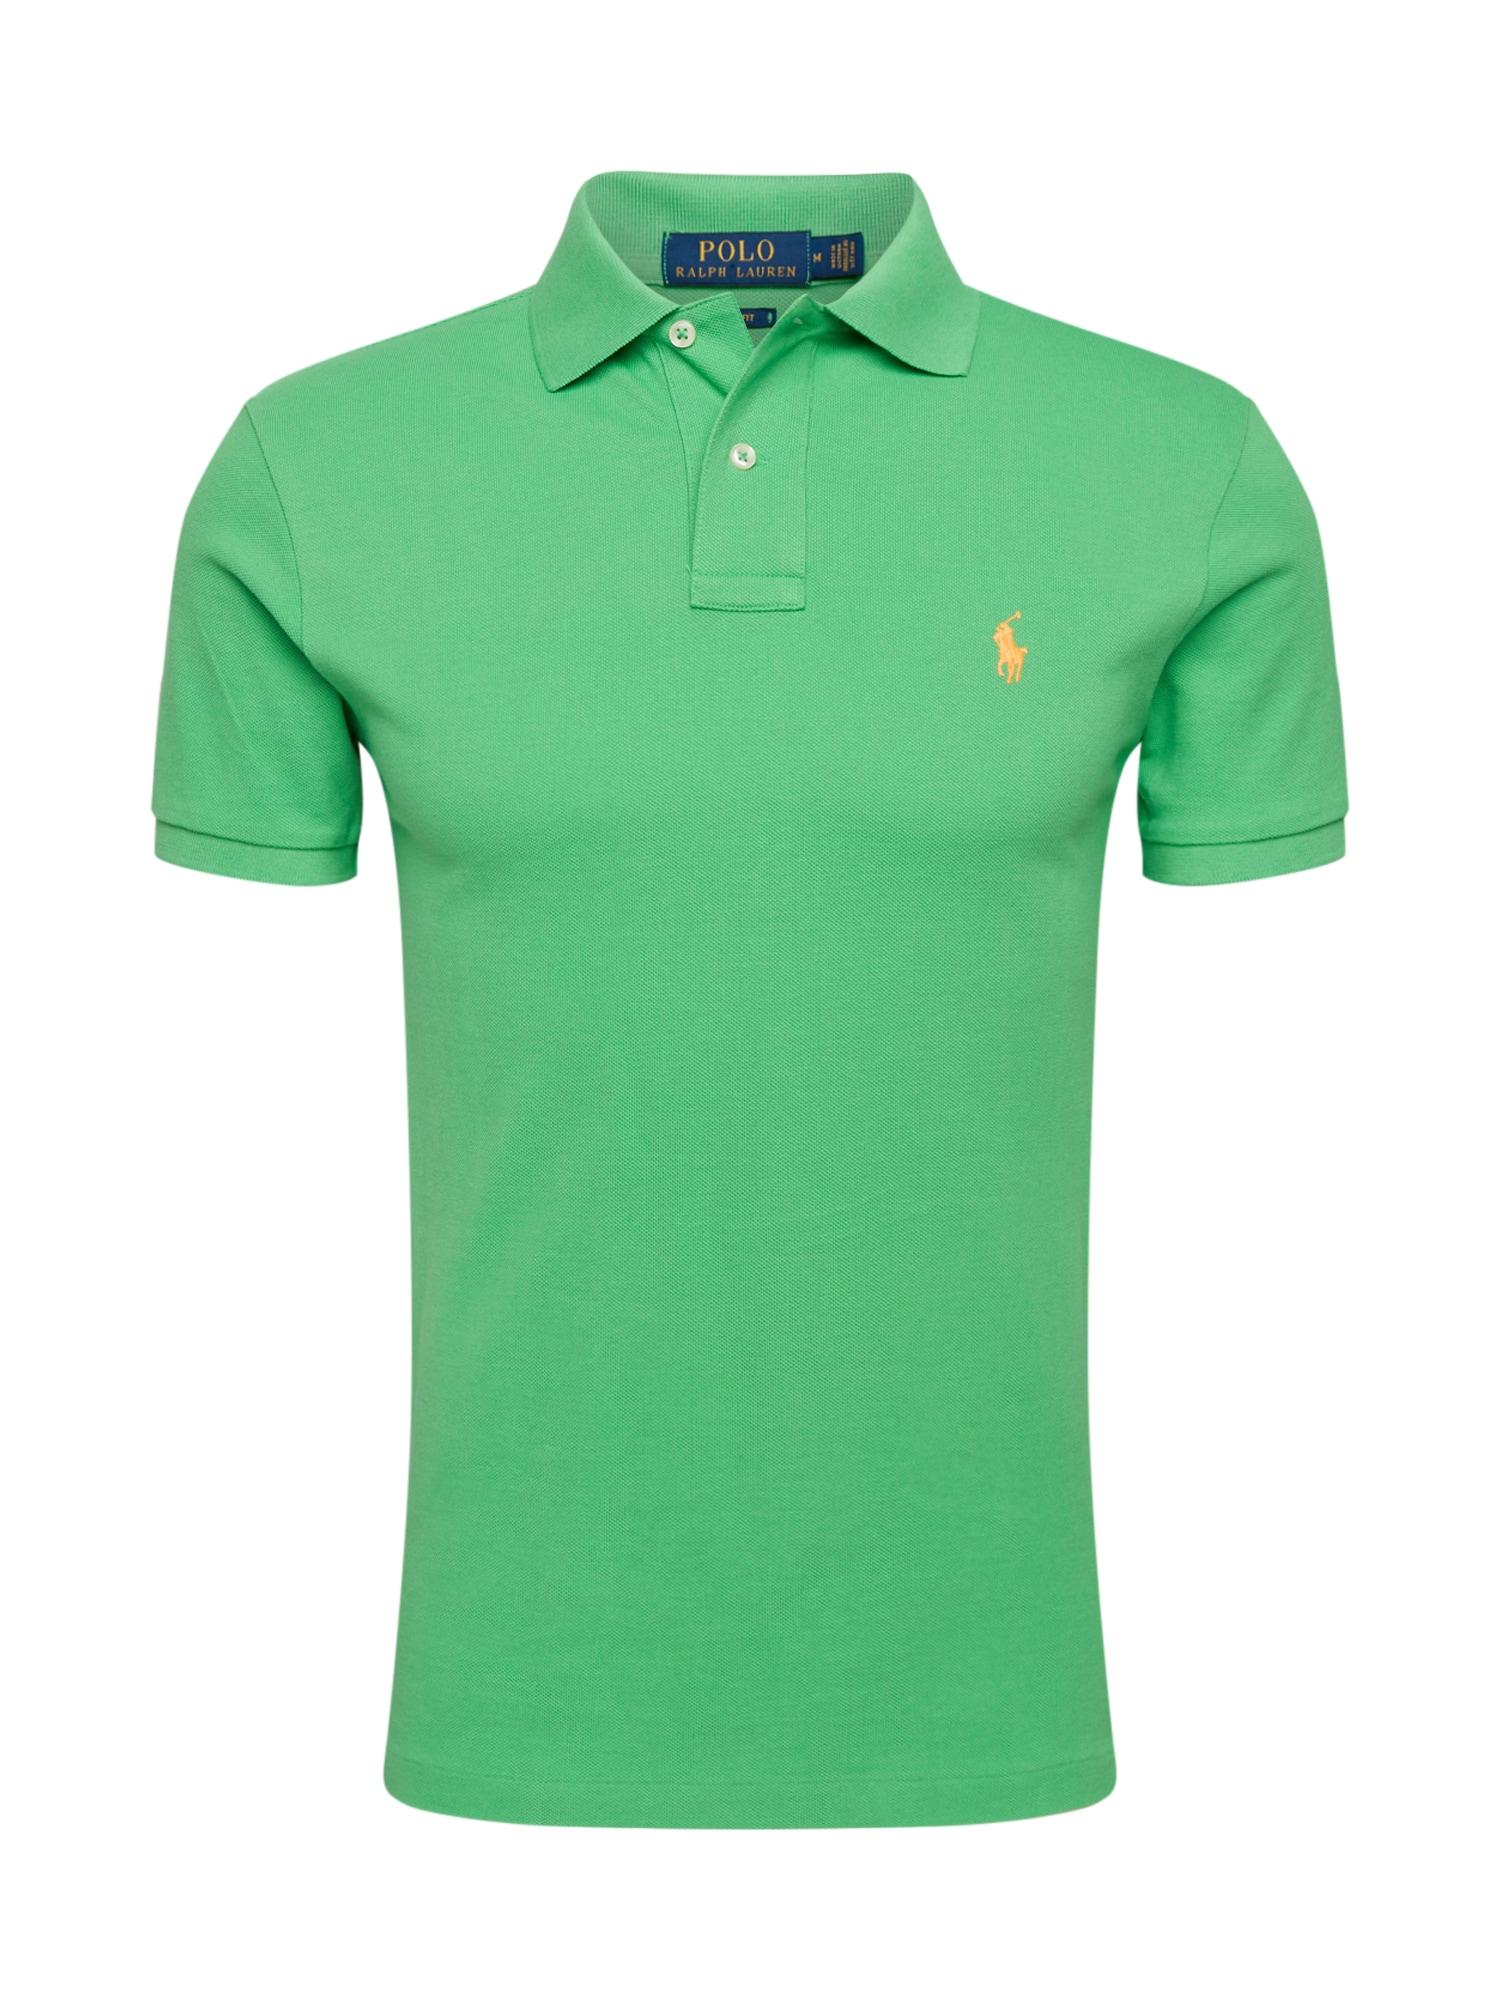 POLO RALPH LAUREN Marškinėliai žolės žalia